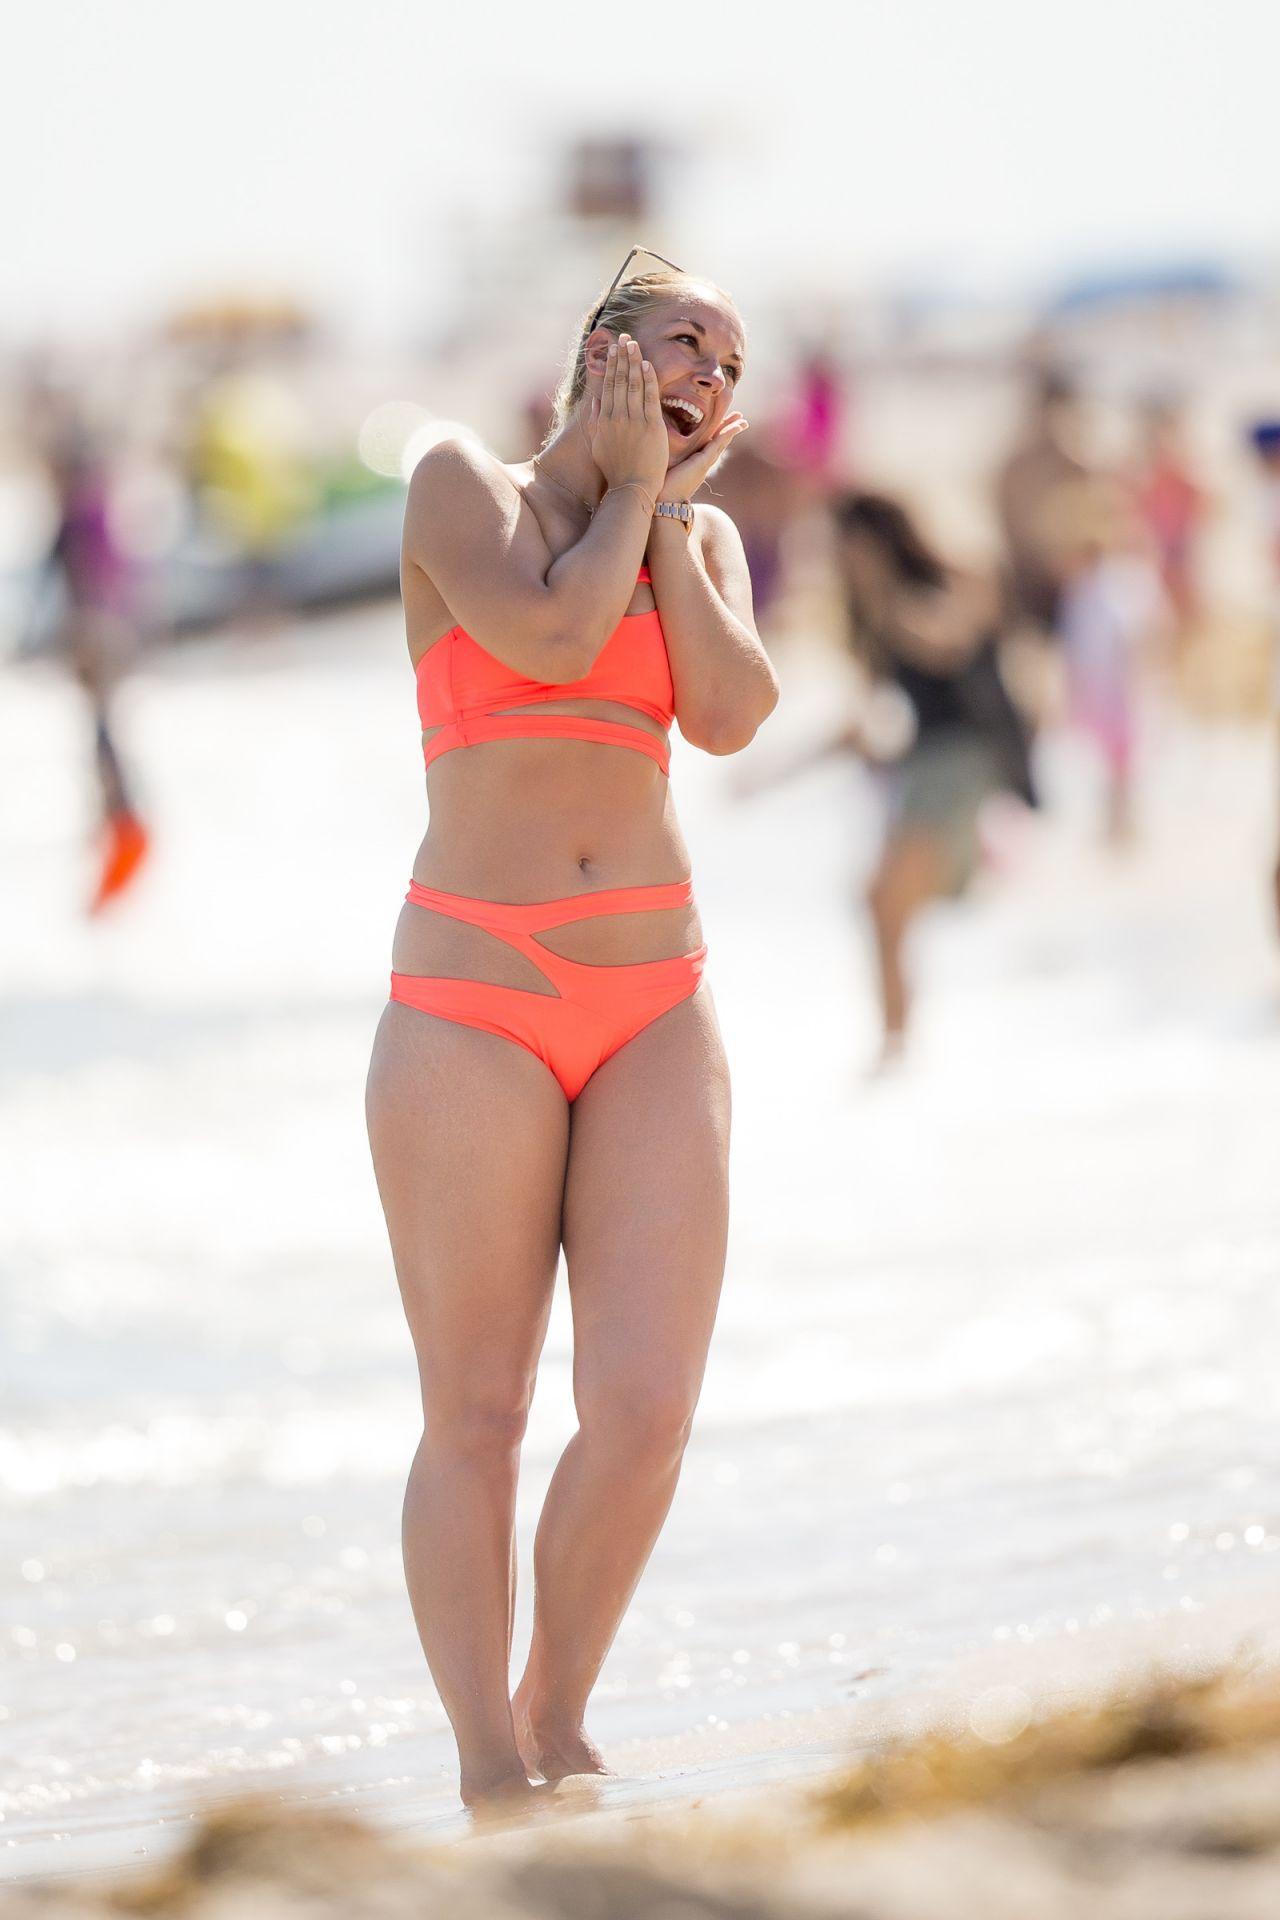 Bikini Sabine Lisicki nude photos 2019